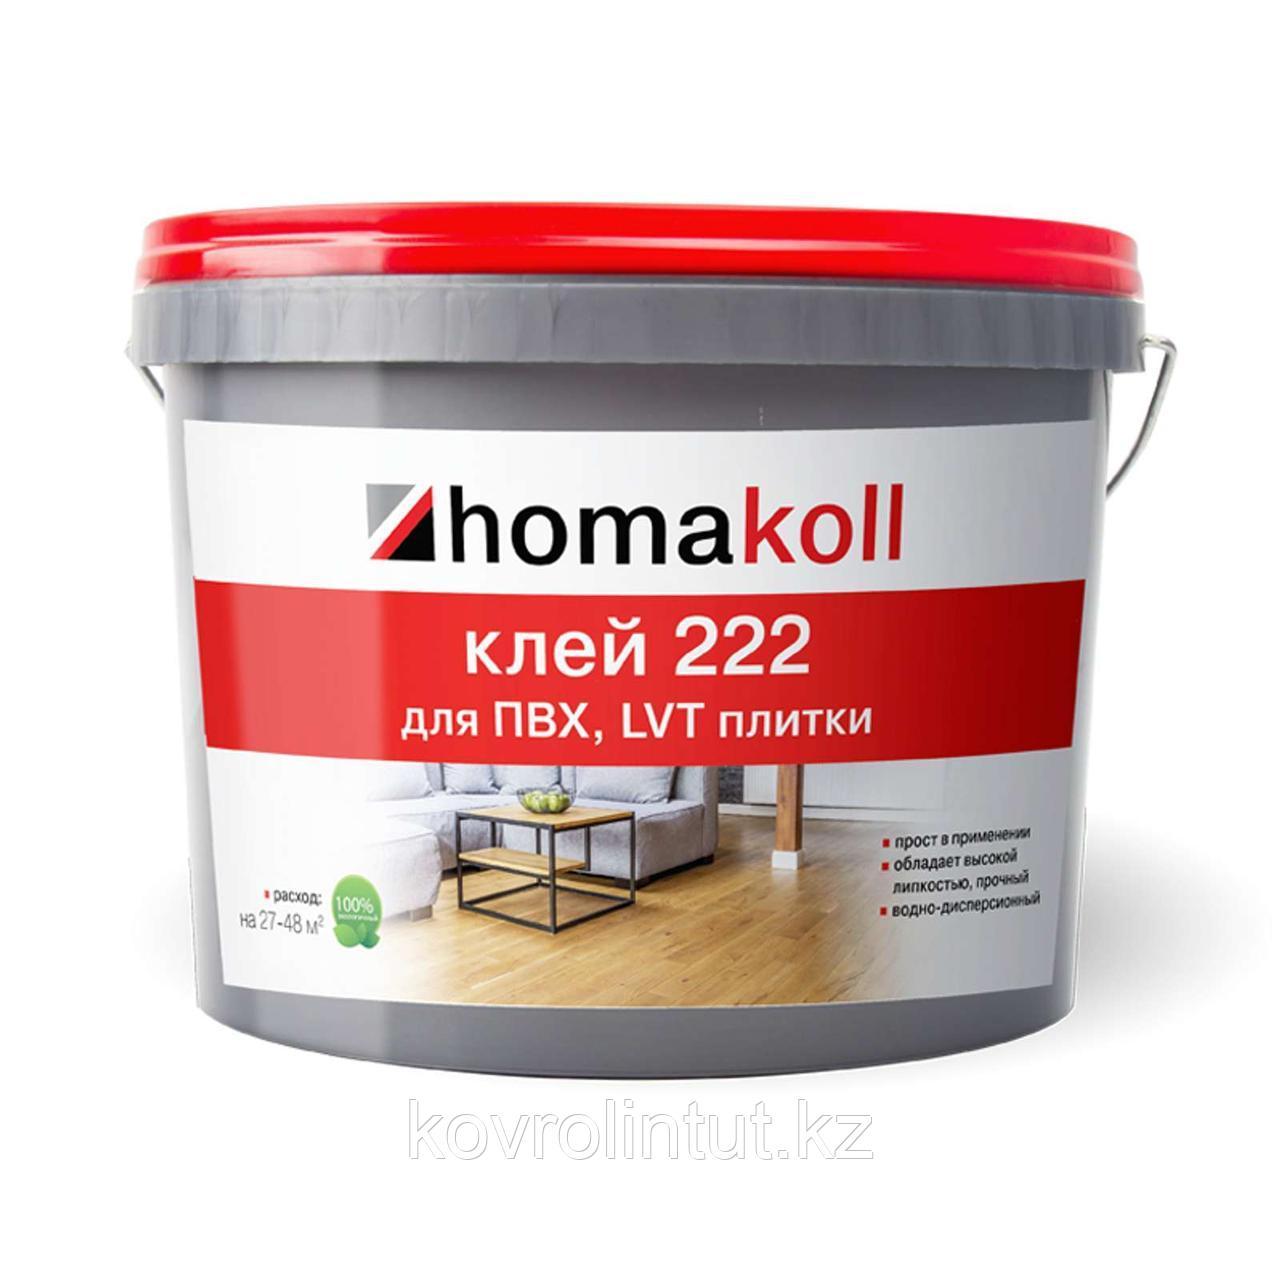 Клей Homakoll 222, 6,0кг для ПВХ и LVT плитки